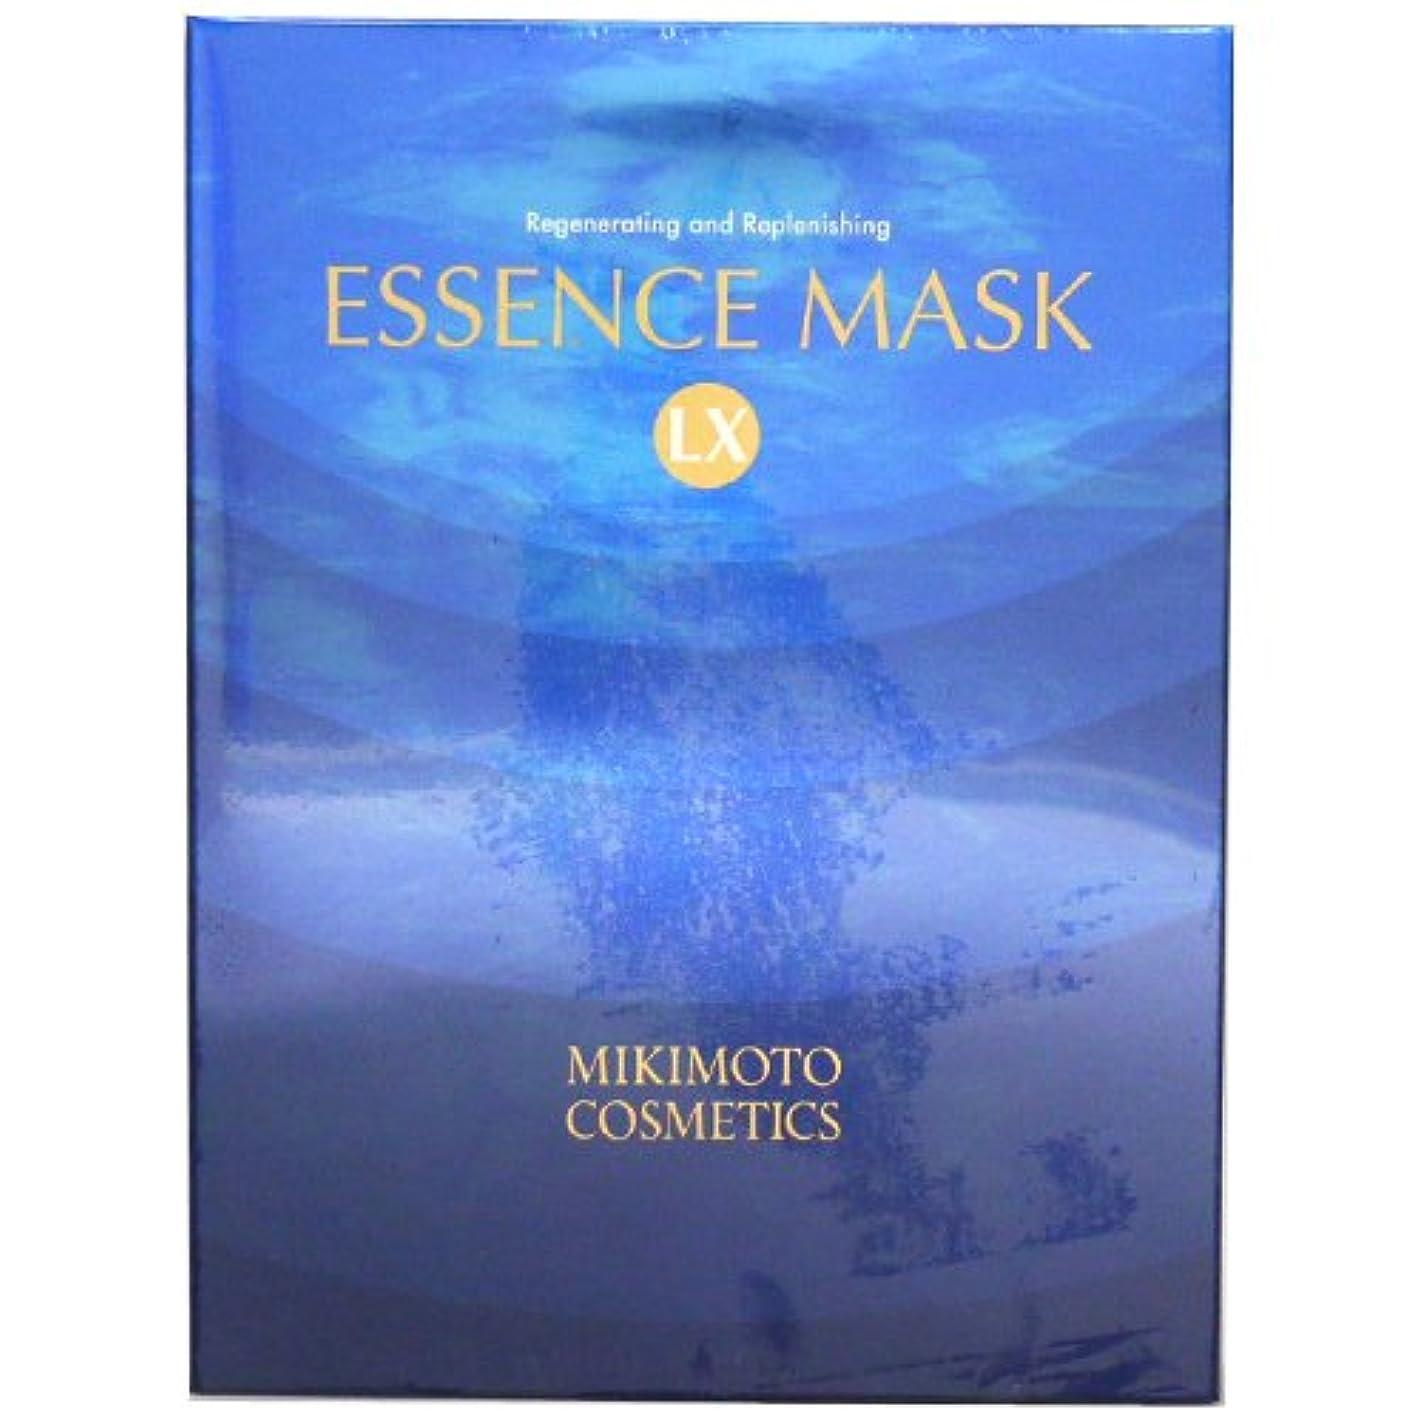 ショートカット普通の着飾るミキモト化粧品 MIKIMOTO コスメティックス エッセンスマスクLX (シート状美容マスク) 【6枚入】